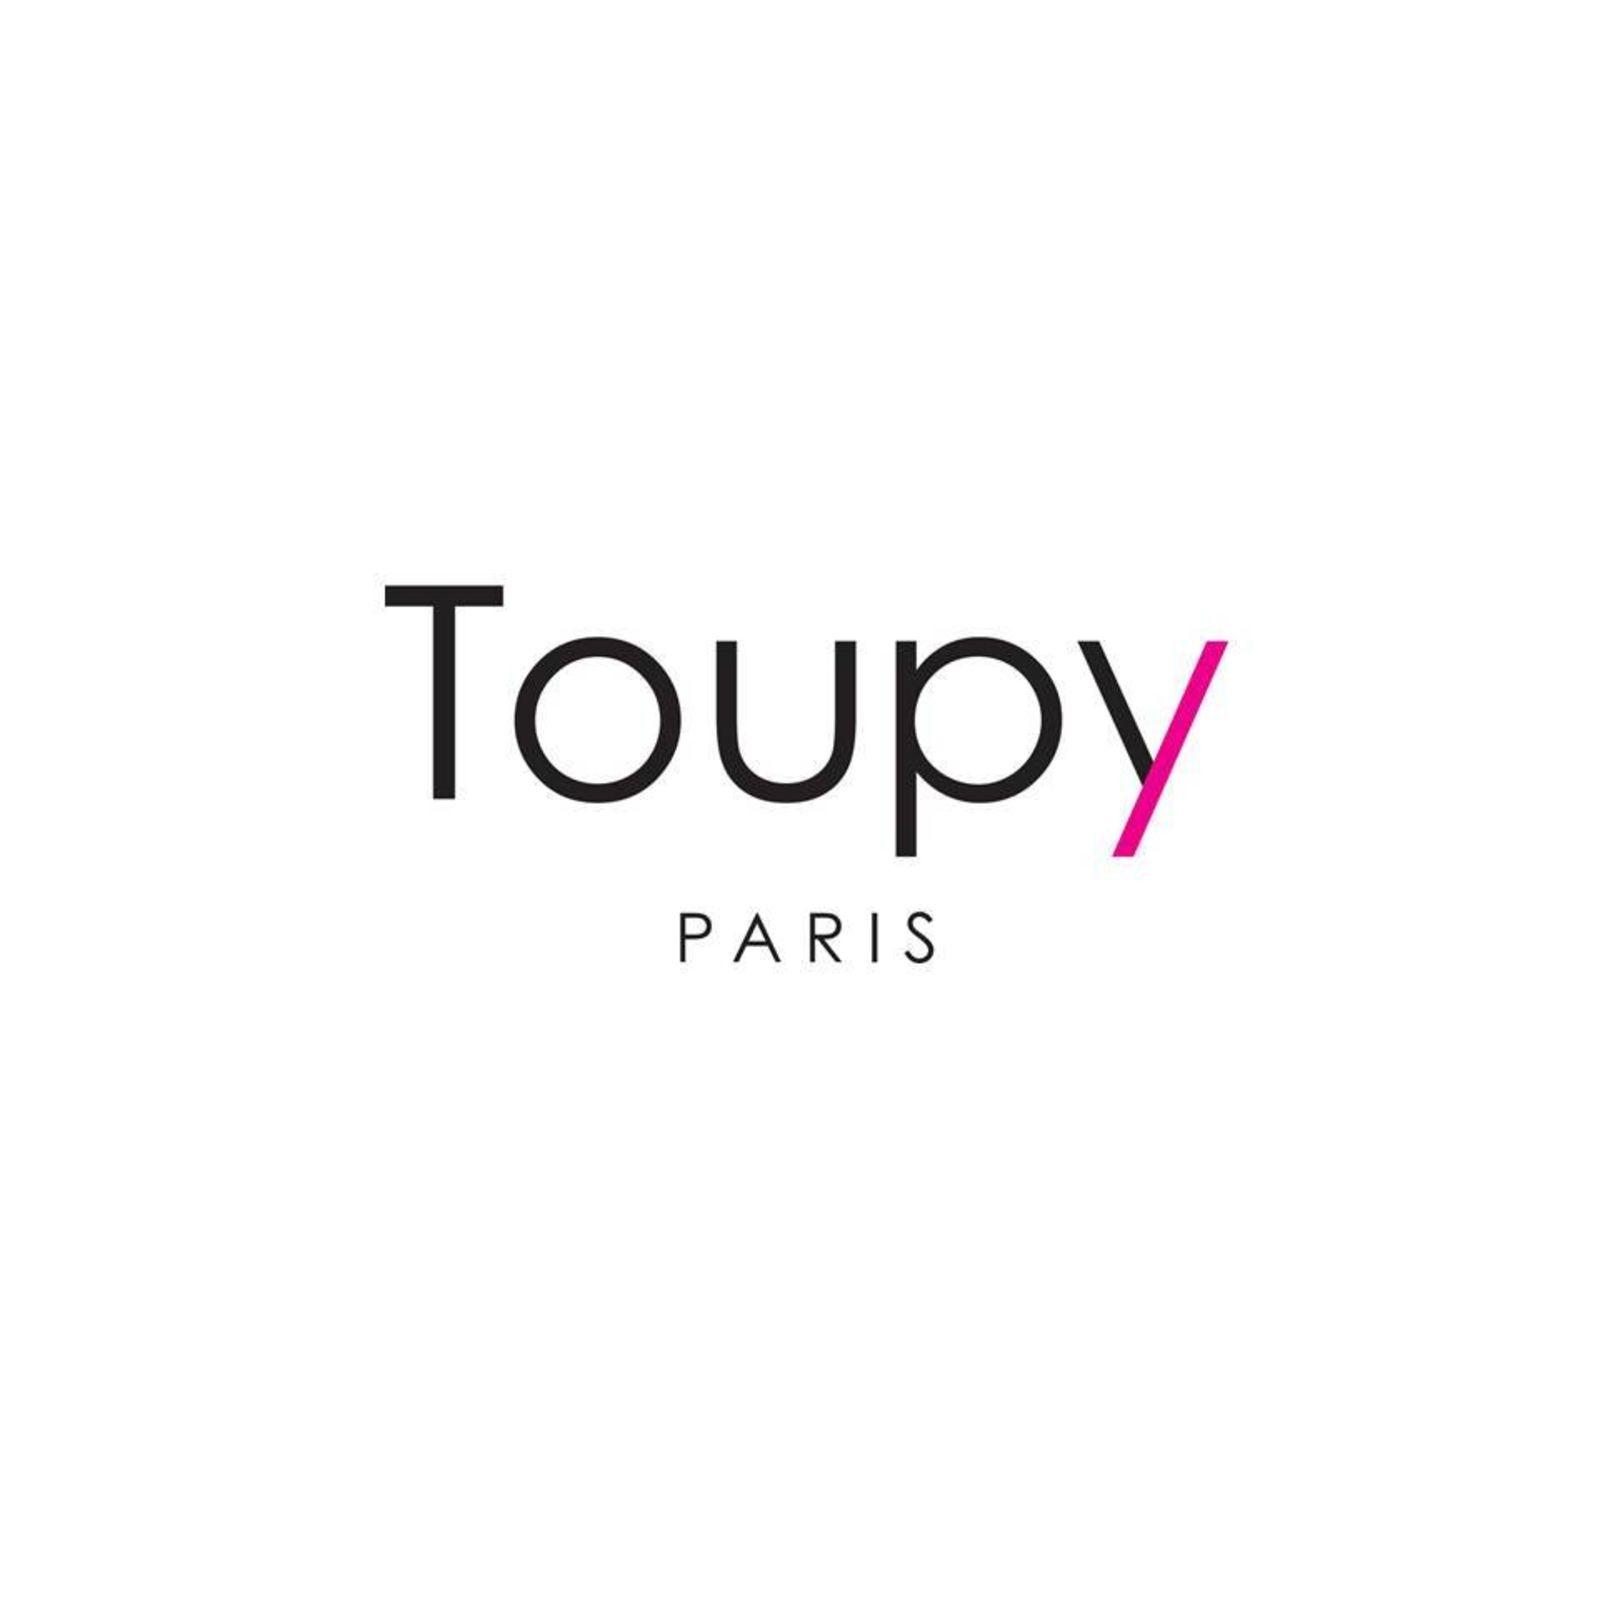 Toupy